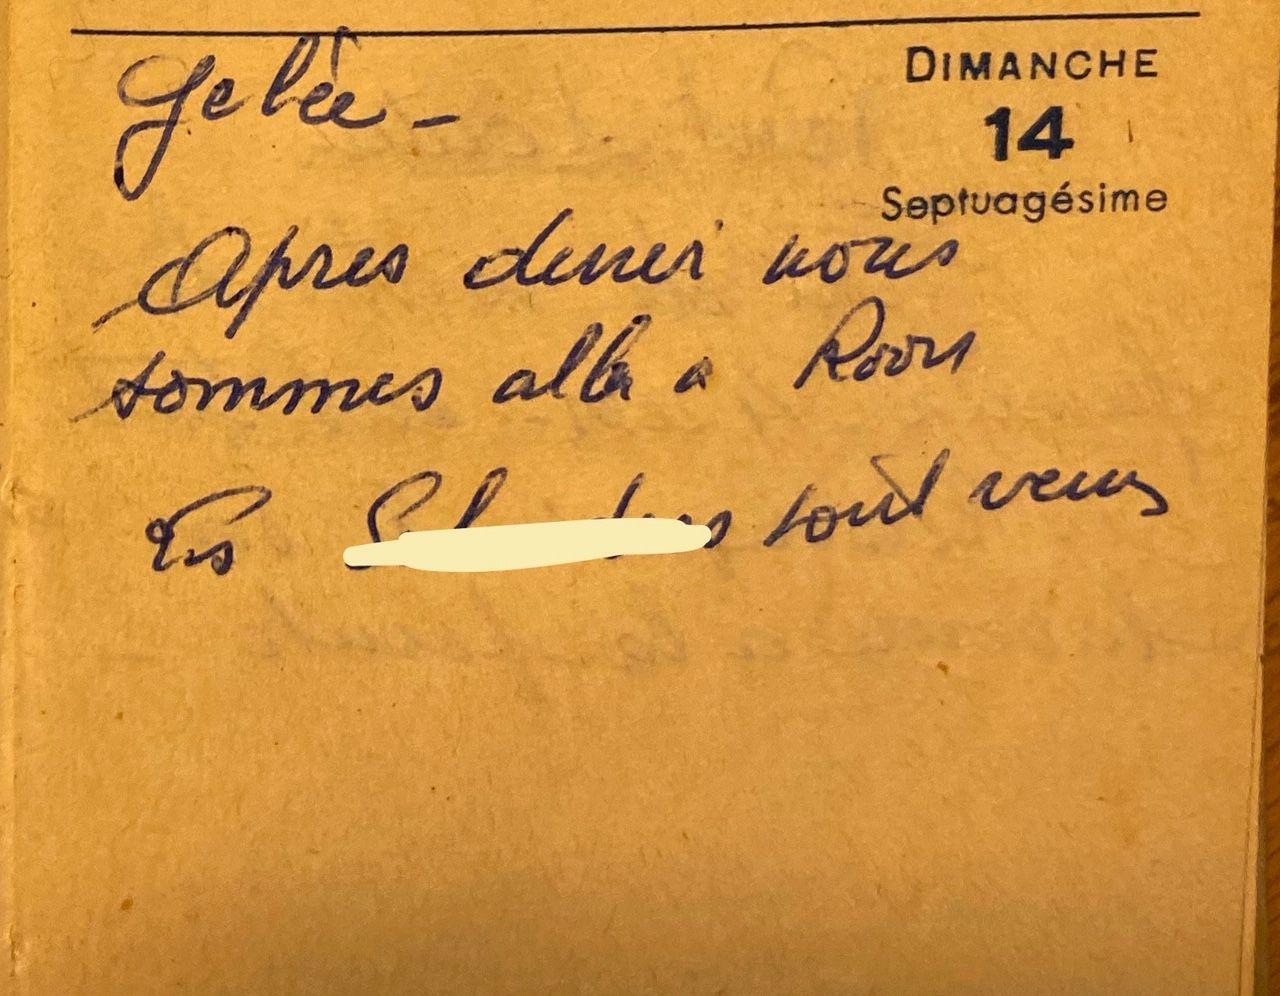 Dimanche 14 février 1960 - des visites